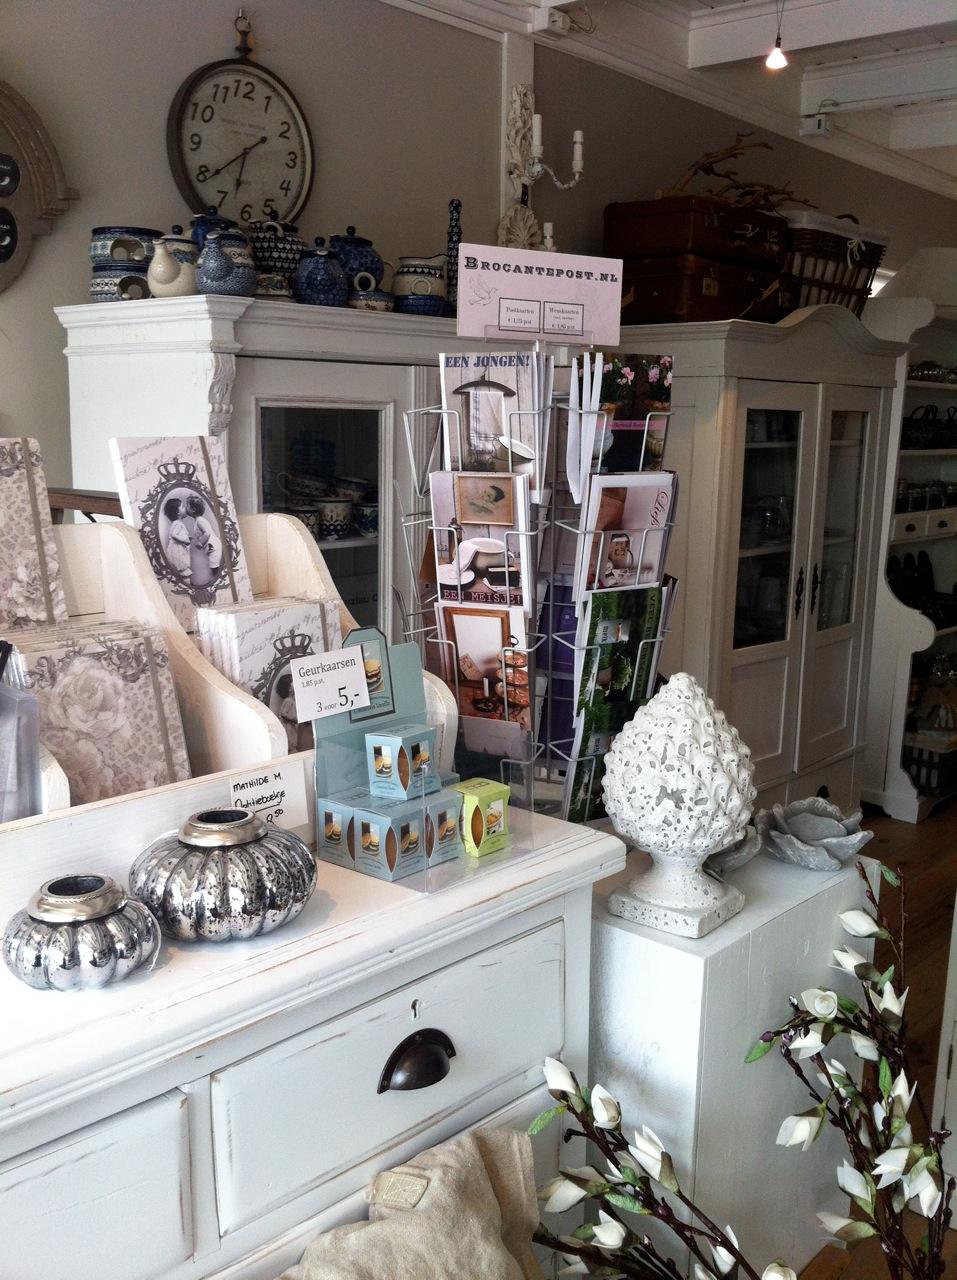 Winkel archieven brocantepost blog for Interieur decoratie winkels